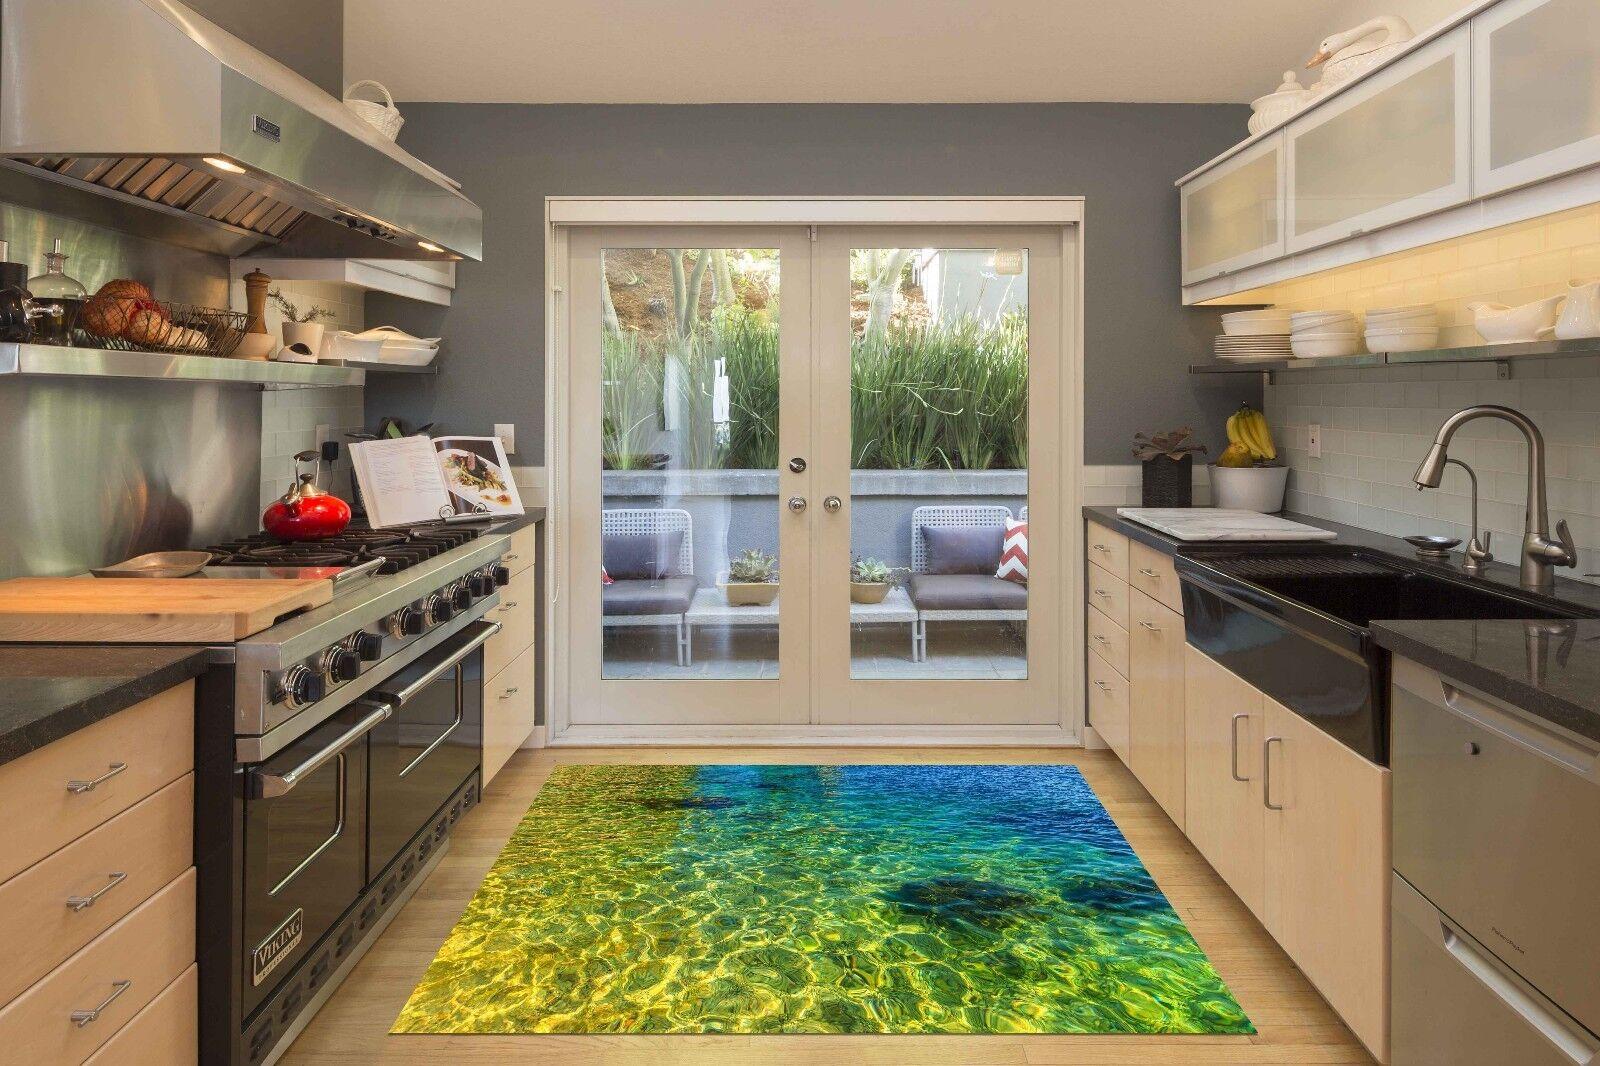 3D Tropical Sea 3 Kitchen Mat Floor Murals Wall Print Wall Deco AJ WALLPAPER CA